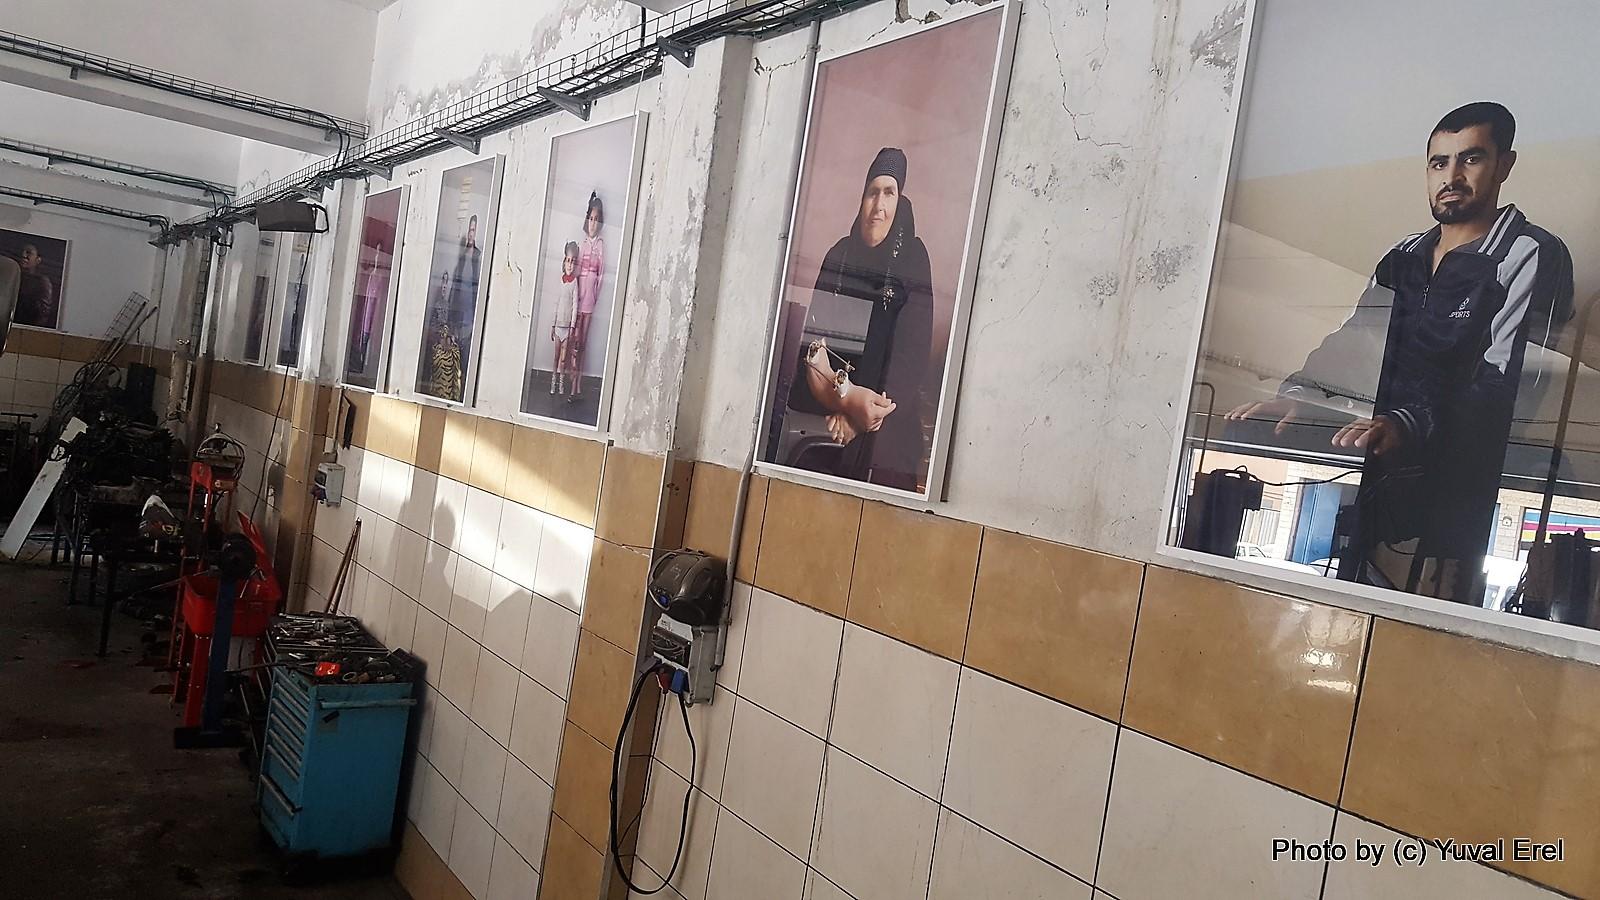 תערוכה במוסך, הביאנלה. צילום: יובל אראל